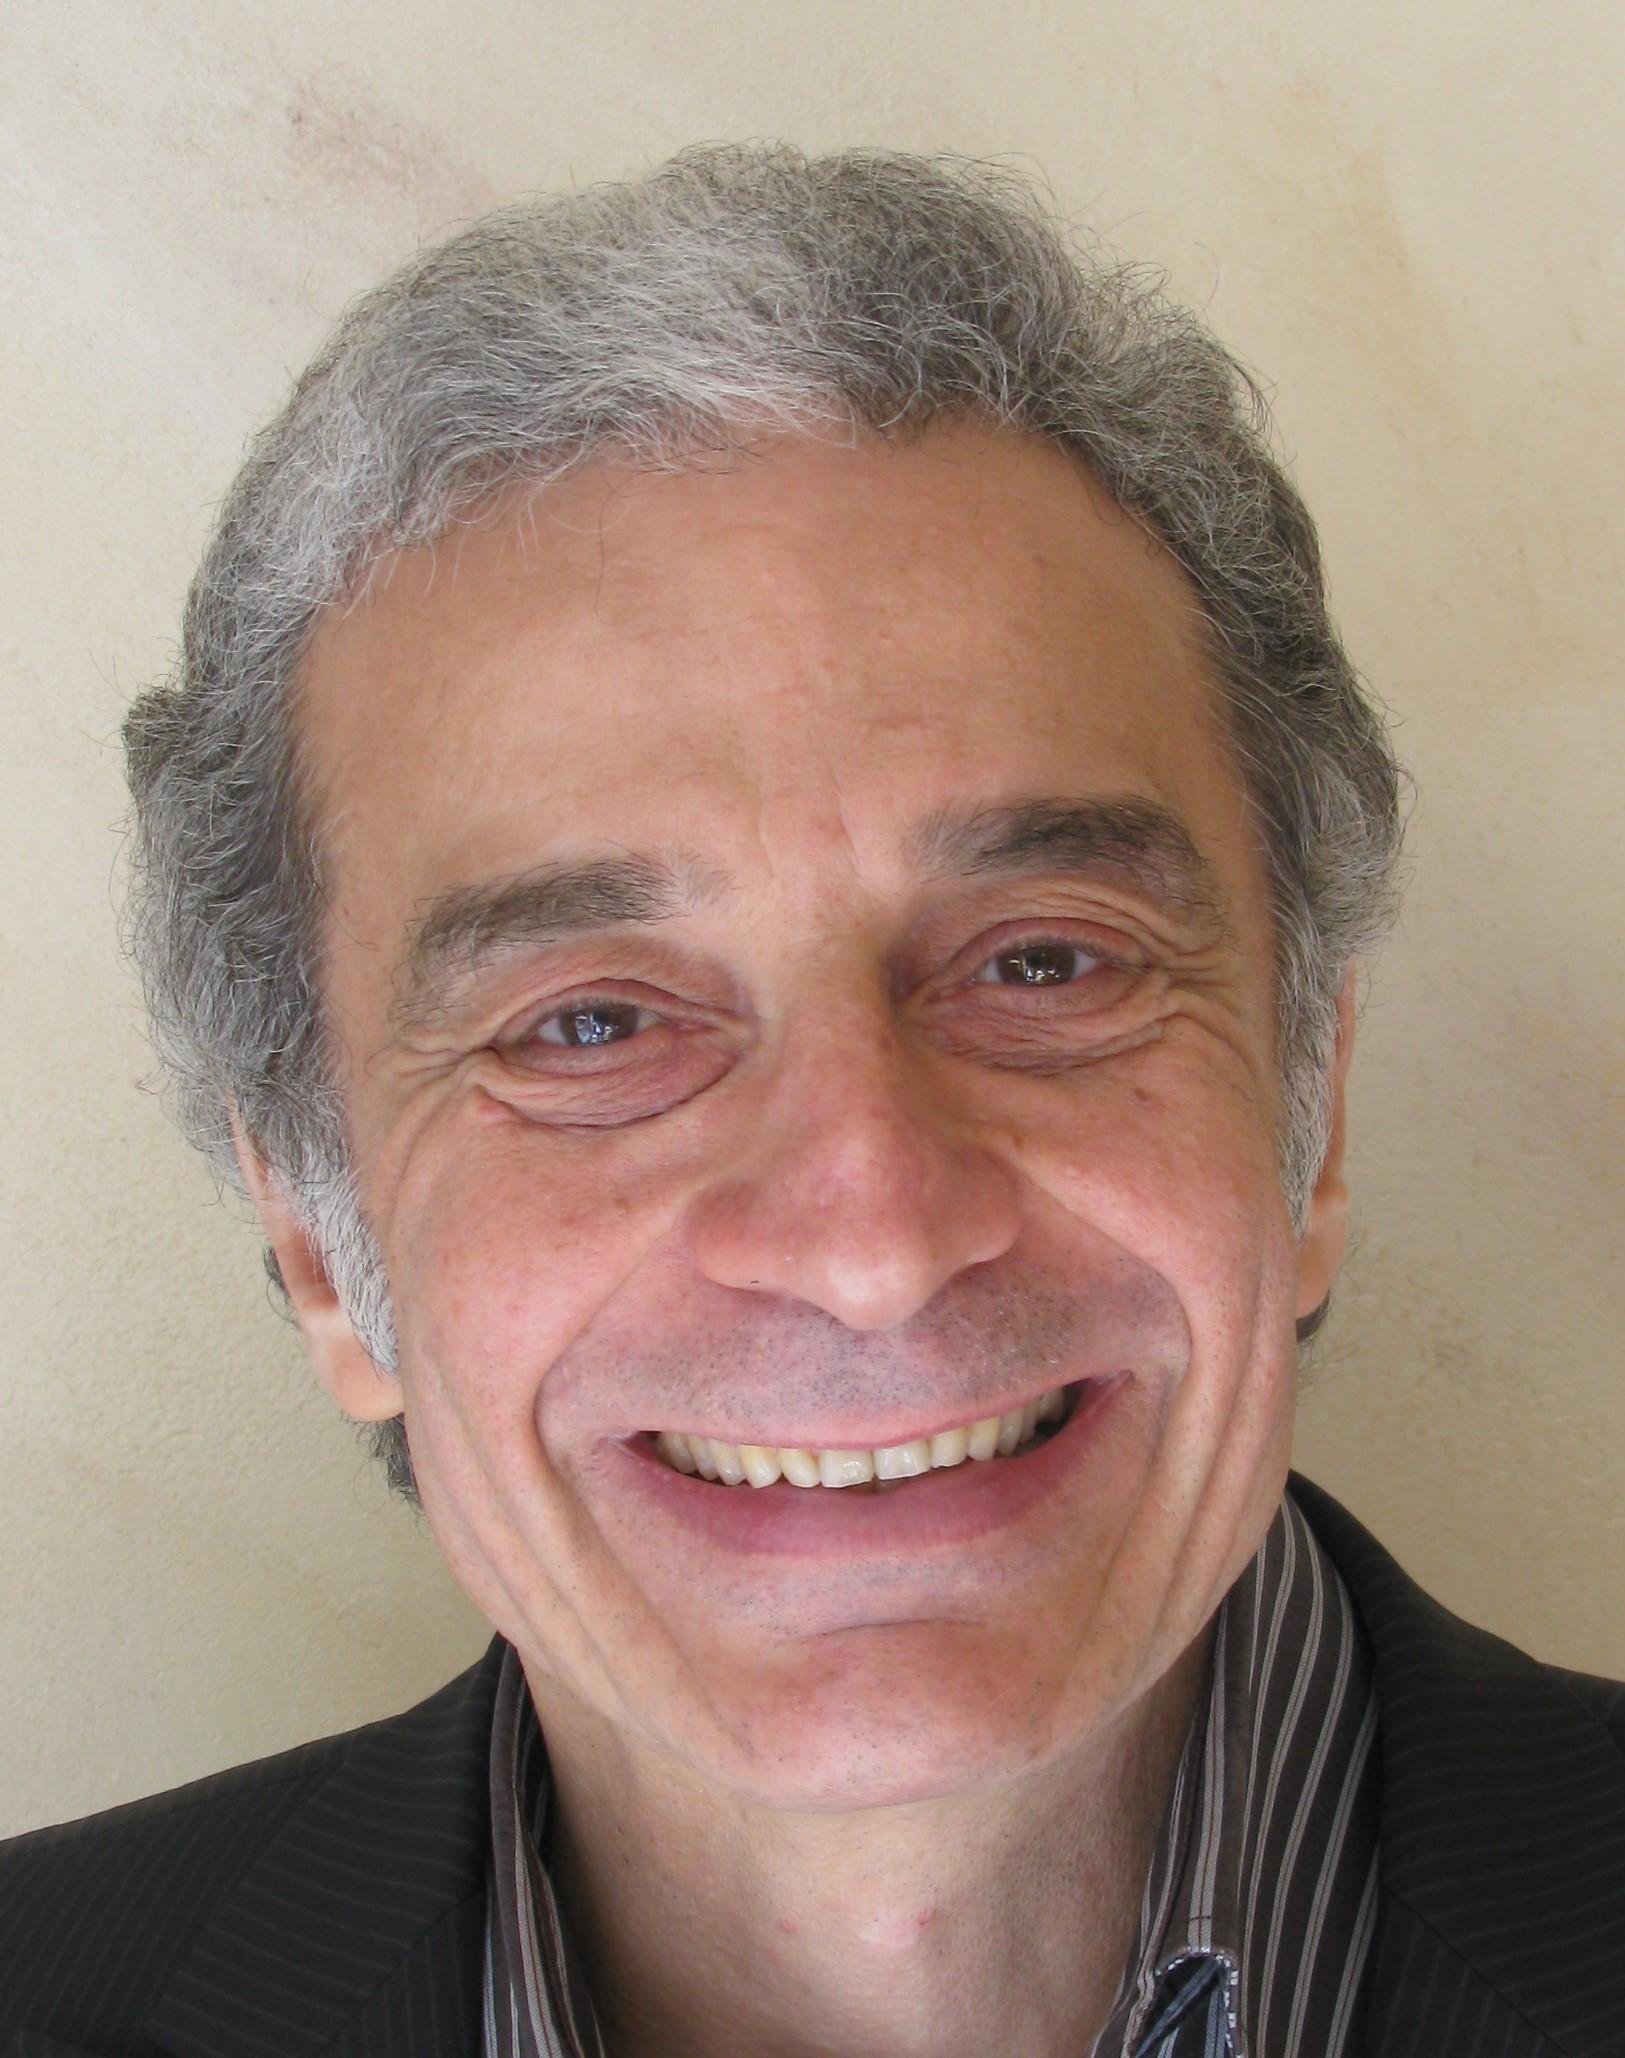 Jean-Luc Borg